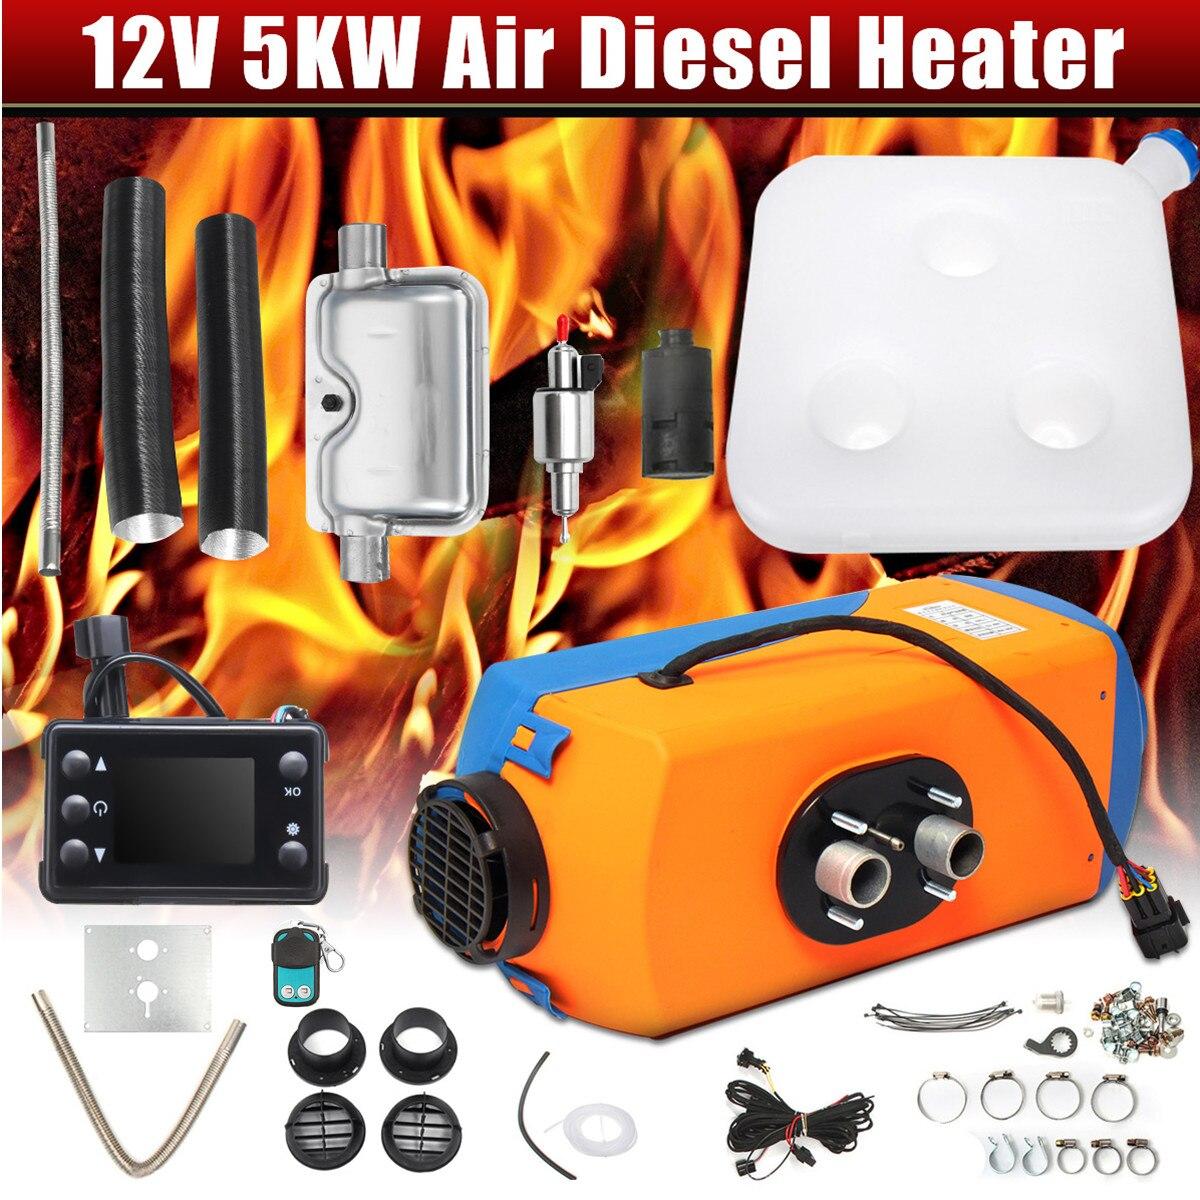 KROAK 5KW Chauffage De la Voiture 12 v LCD Écran Diesels Chauffe-Chauffage Parking + Silencieux pour Caravane Camping-Car Camion Auto Chauffage